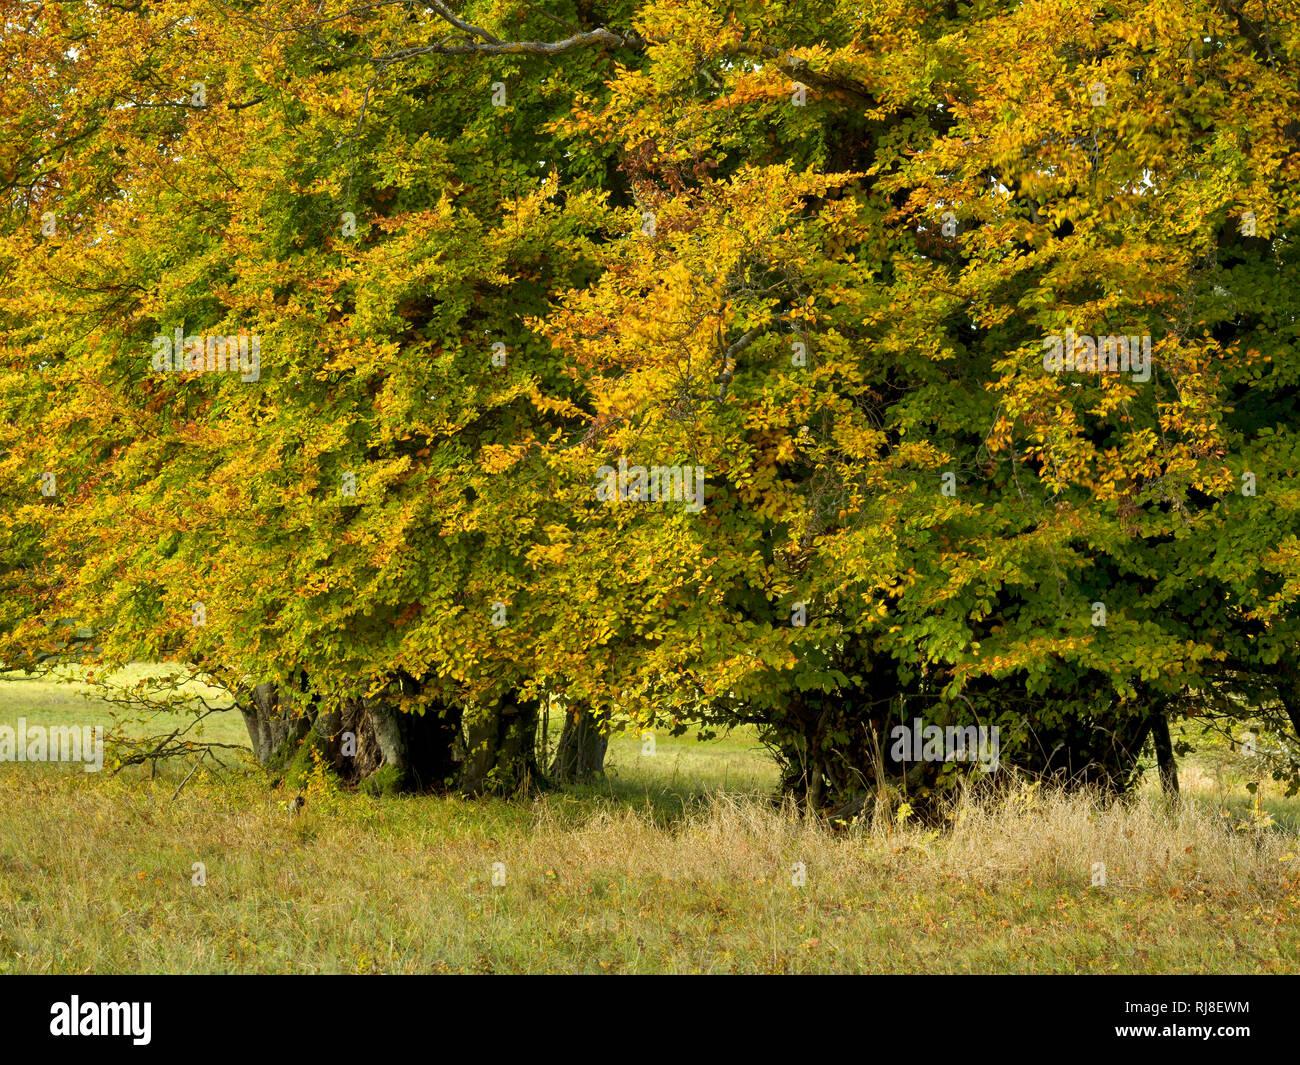 Deutschland, Bayern, Naturpark Bayrische Rhön, UNESCO-Biosphärenreservat, Naturschutzgebiet Lange Rhön, Hainbuchen im Herbstlaub Stock Photo